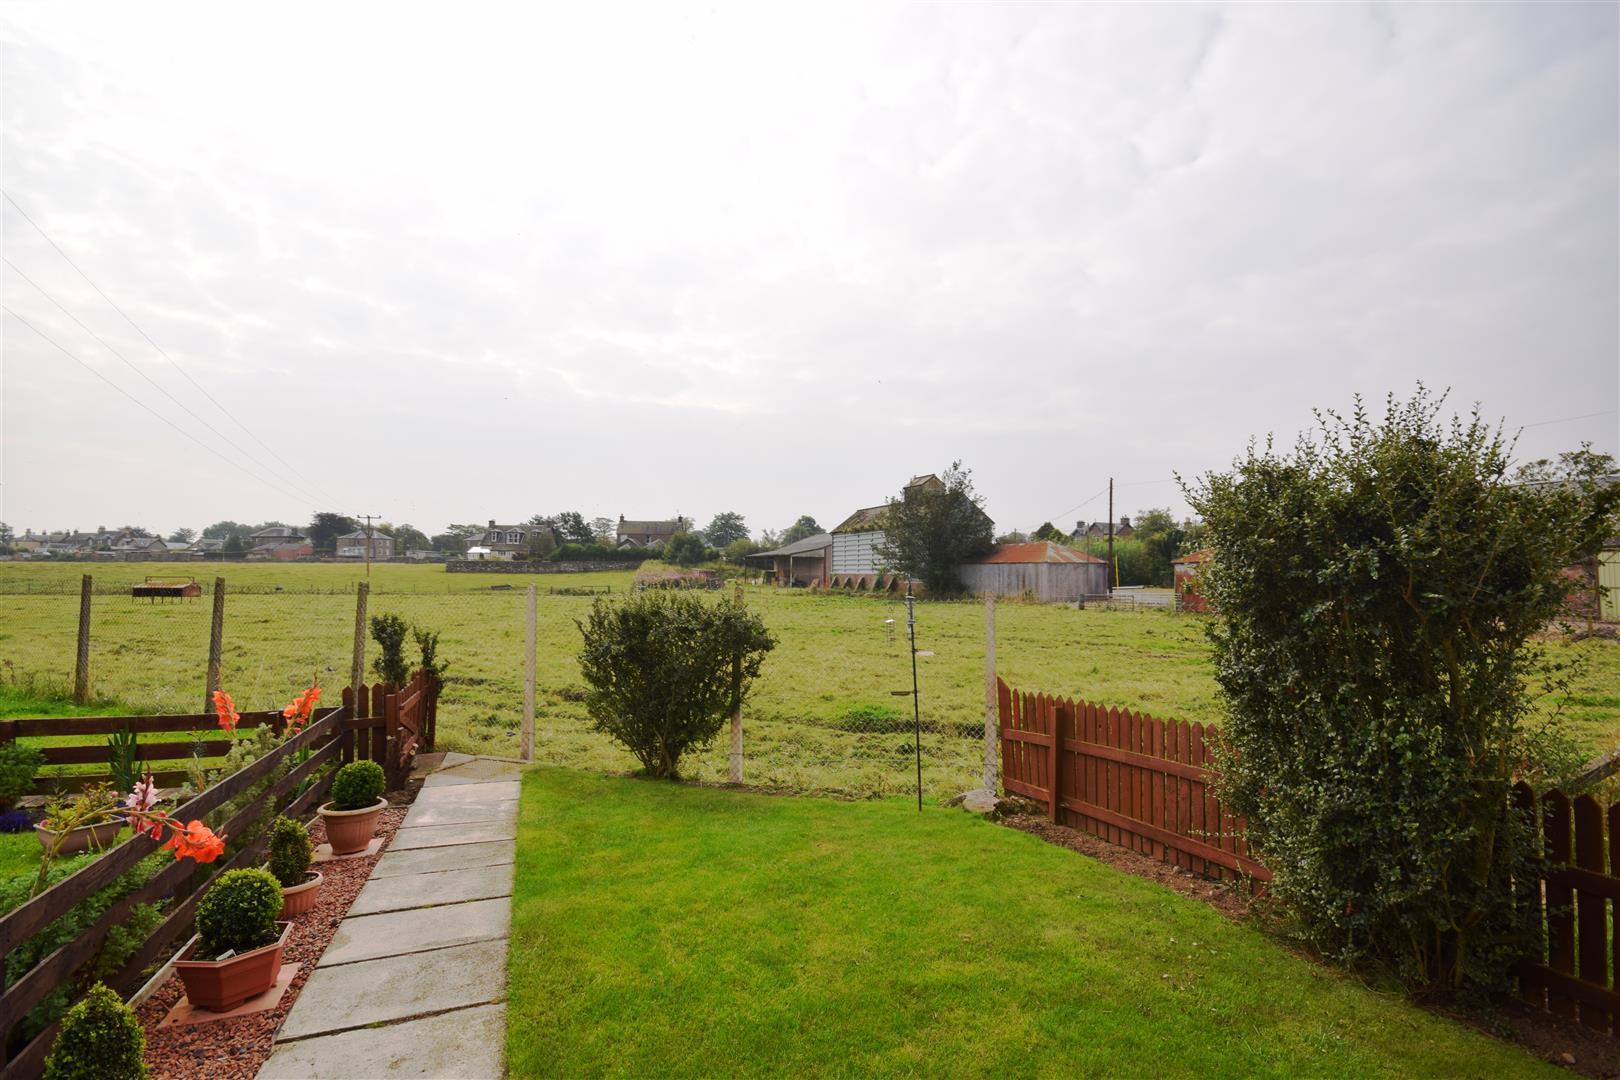 14, Tay Road, Alyth, BLAIRGOWRIE, Perthshire, PH11 8EB, UK